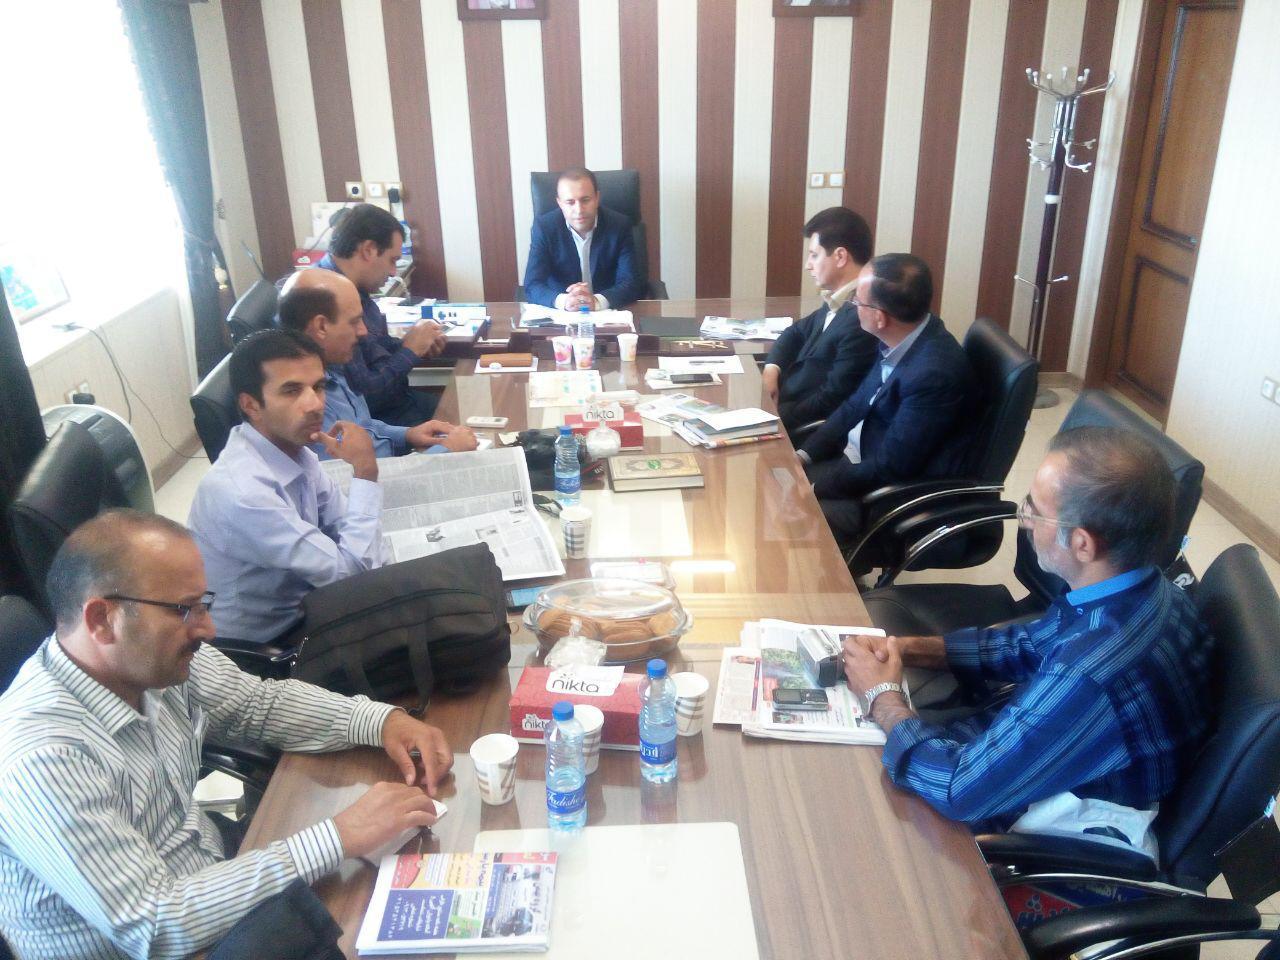 فرماندار داراب خبر داد: افتتاح و کلنگ زنی ۸۷ پروژه با اعتباری معادل ۸۸ میلیارد تومان در هفته دولت در داراب